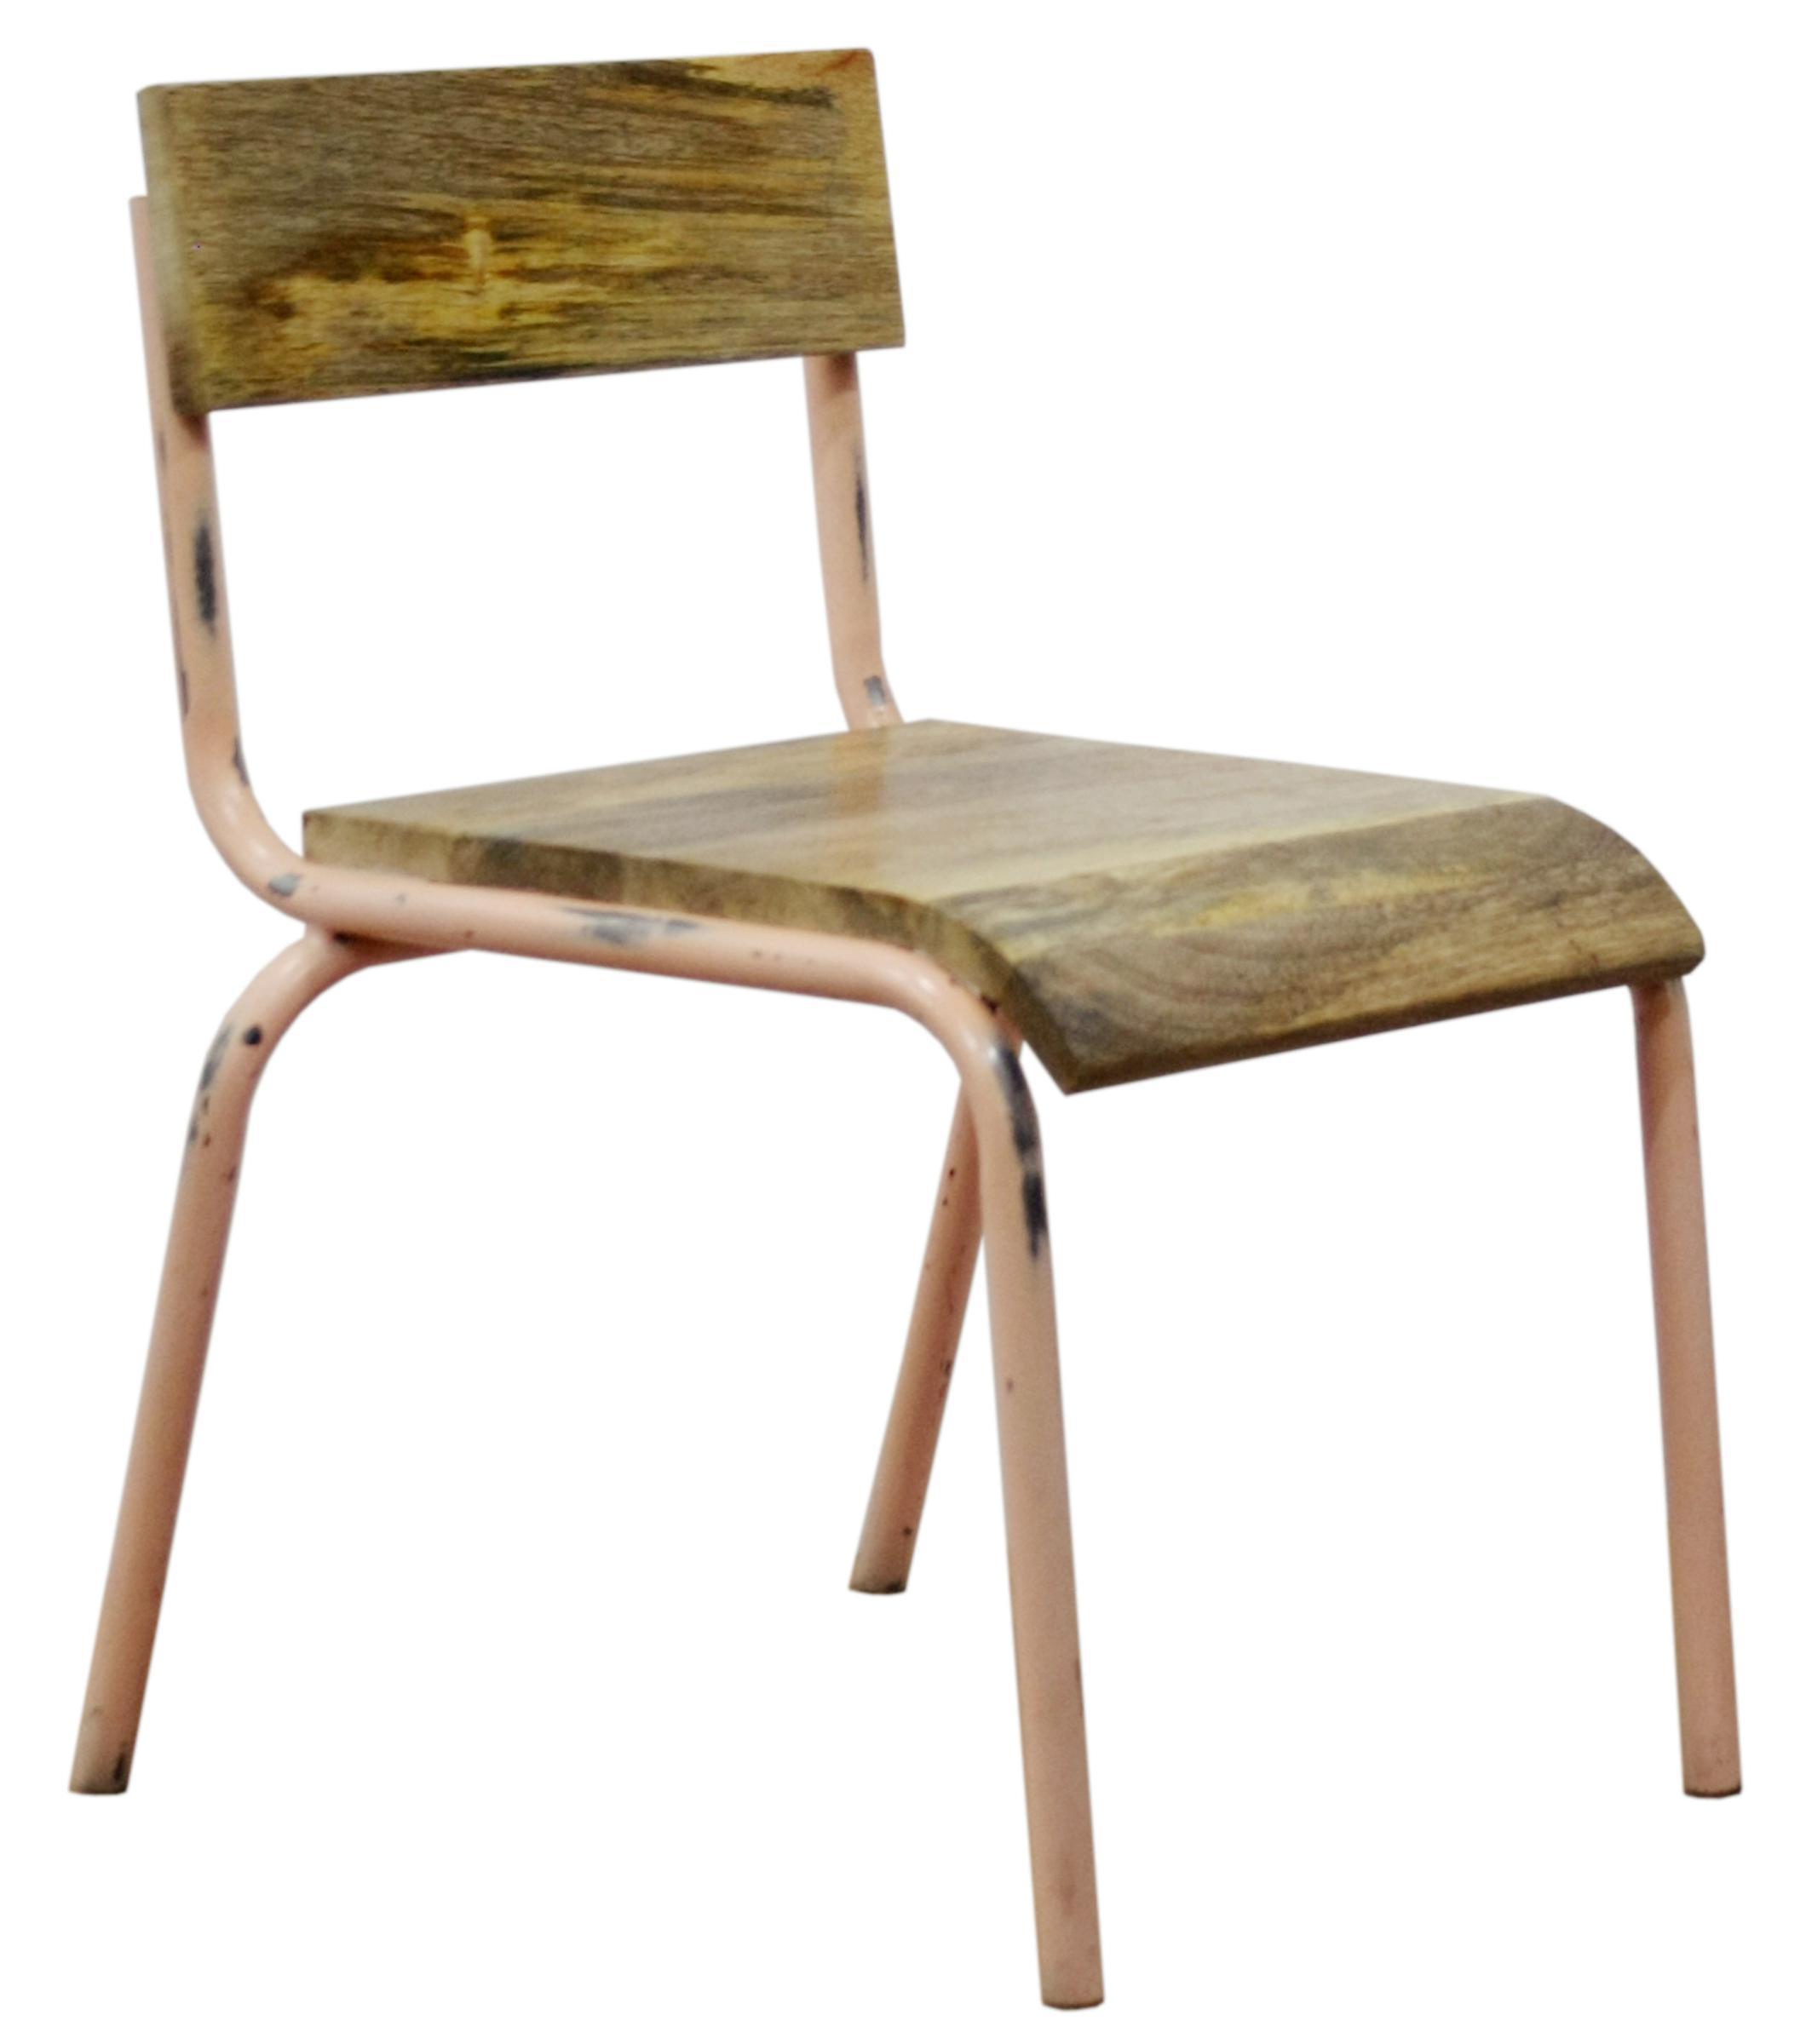 kidsdepot kinderstuhl holz metall altrosa tisch und stuhl im kinderlampenland. Black Bedroom Furniture Sets. Home Design Ideas